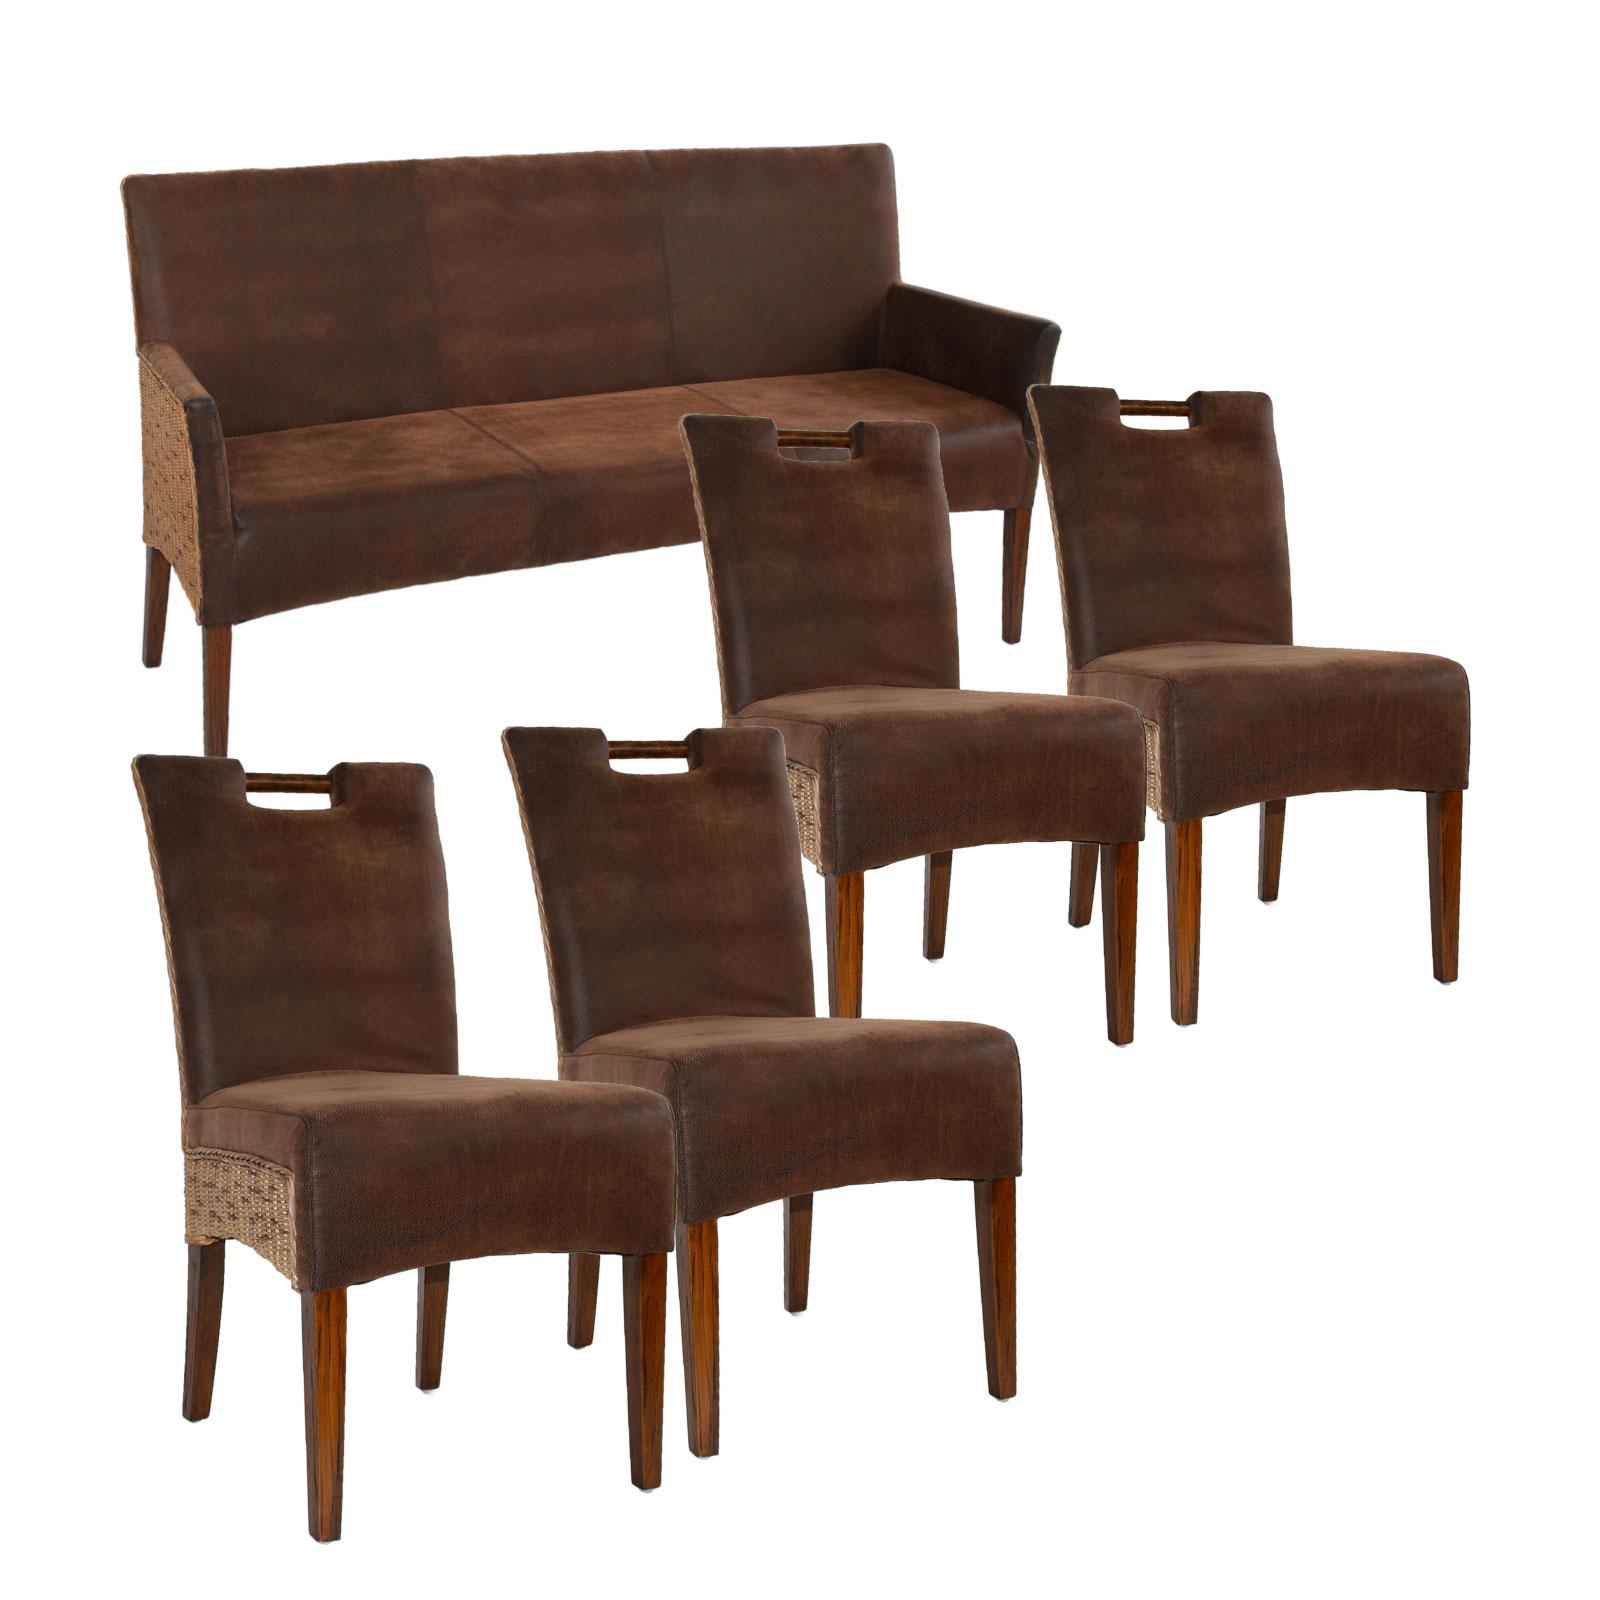 Sitzbank Und 4 Rattan Stühle SET Bilbao Vollgepolstert